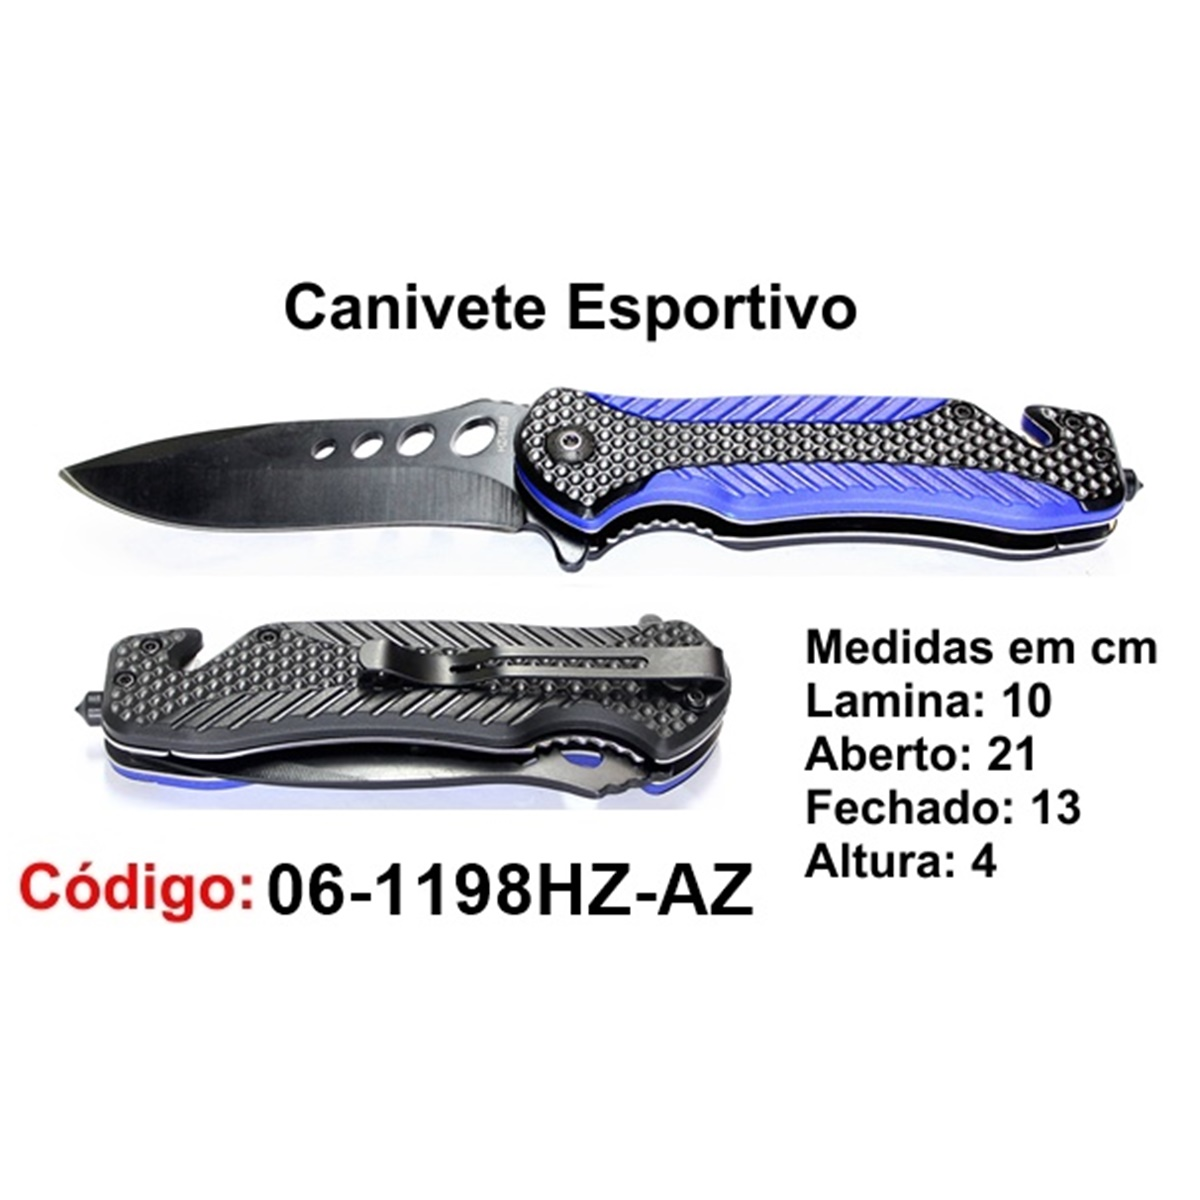 Canivete Esportivo Caça Pesca Etc. 06-1198HZ-AZ